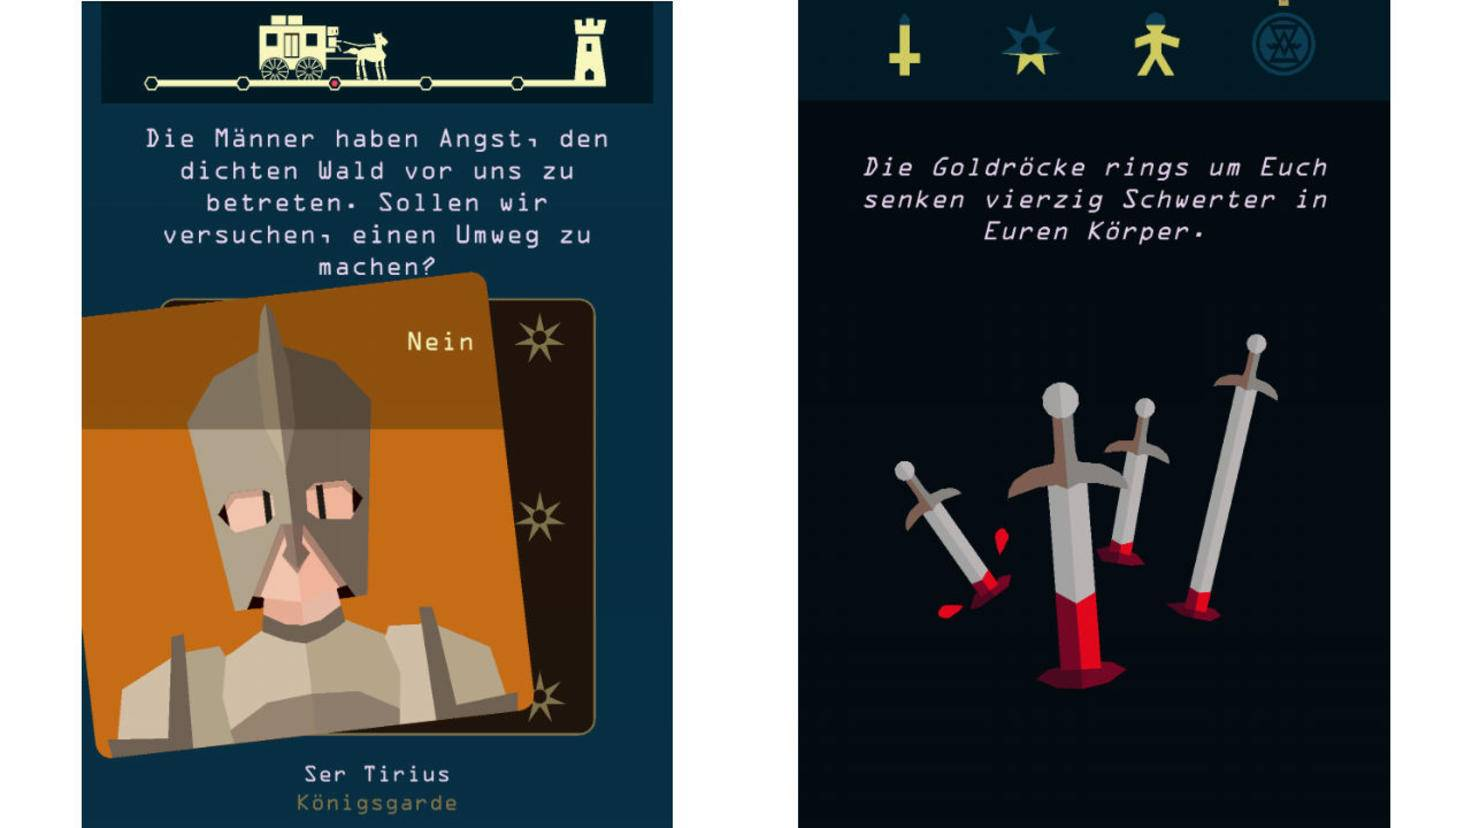 Die Story wird anhand von Spielkarten erzählt, die Du nach Tinder-Art wegwischen musst.